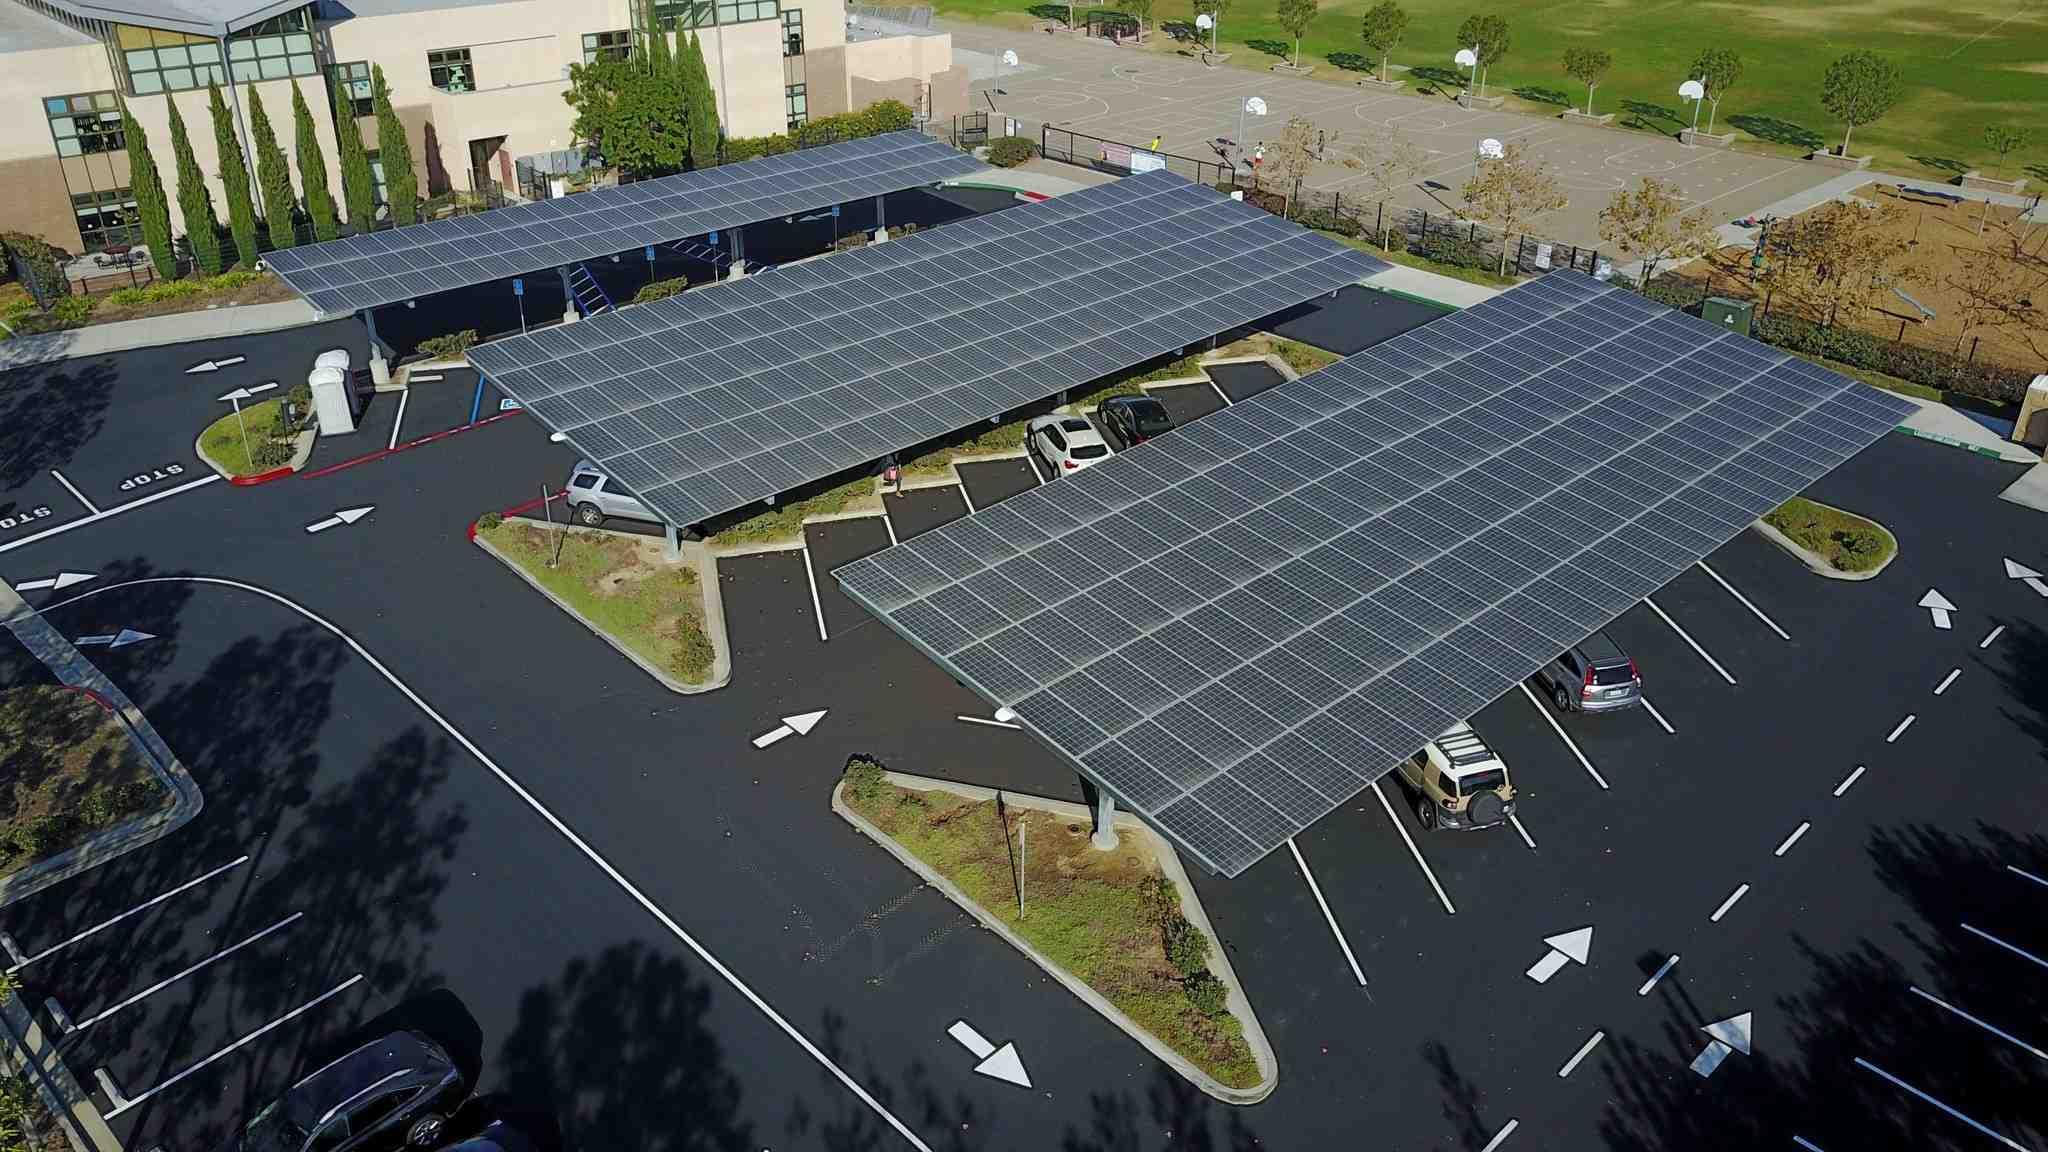 Is Smart Solar legit?